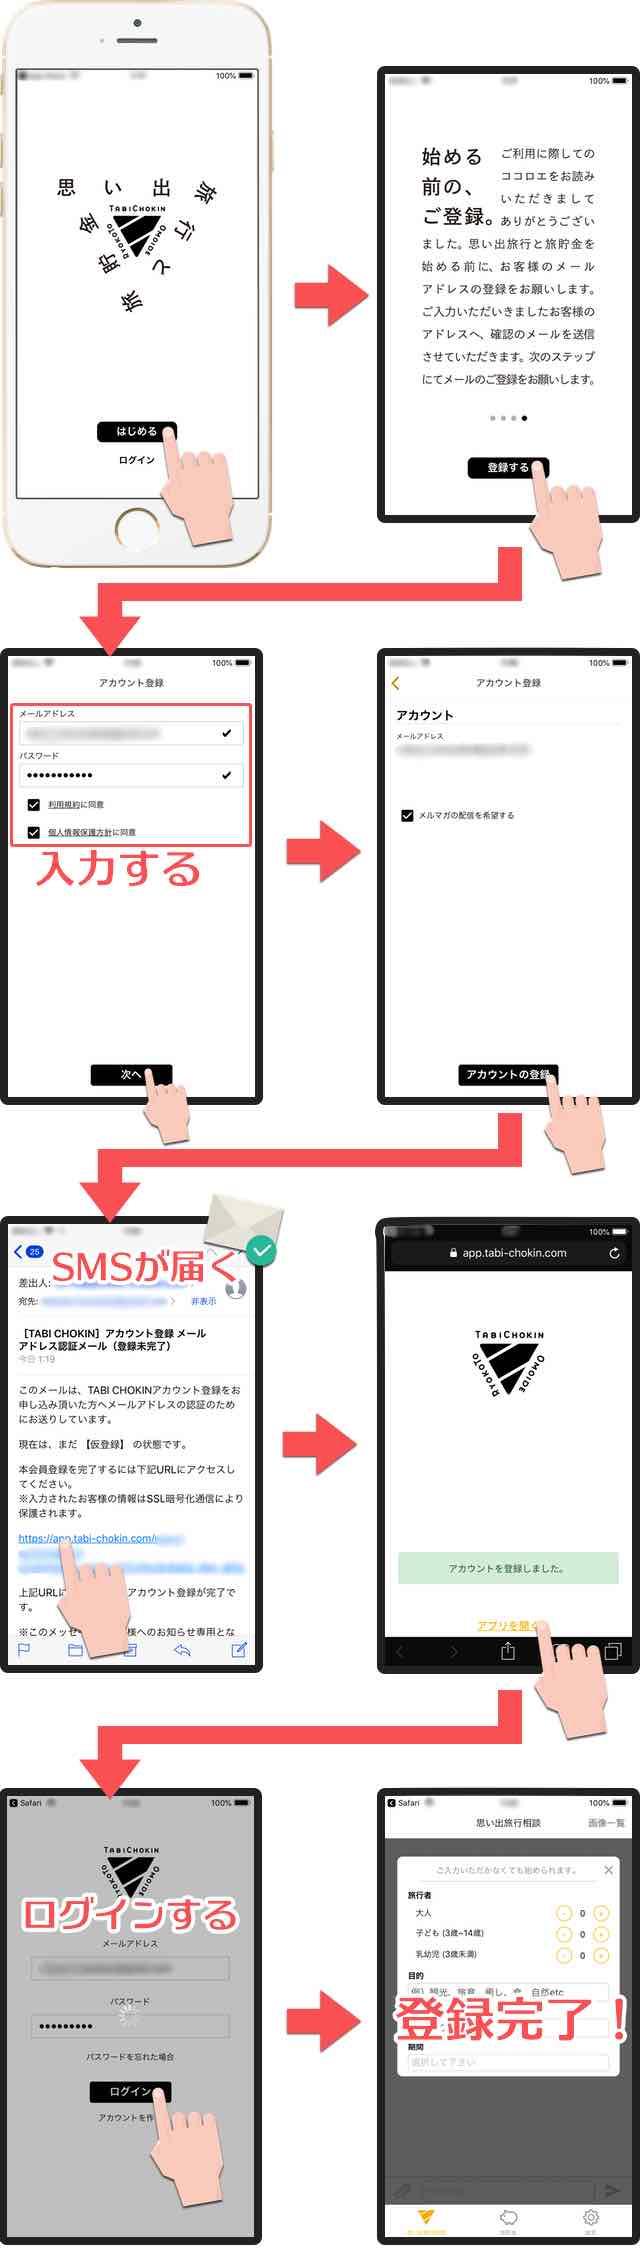 「旅貯金」アプリのユーザー登録方法